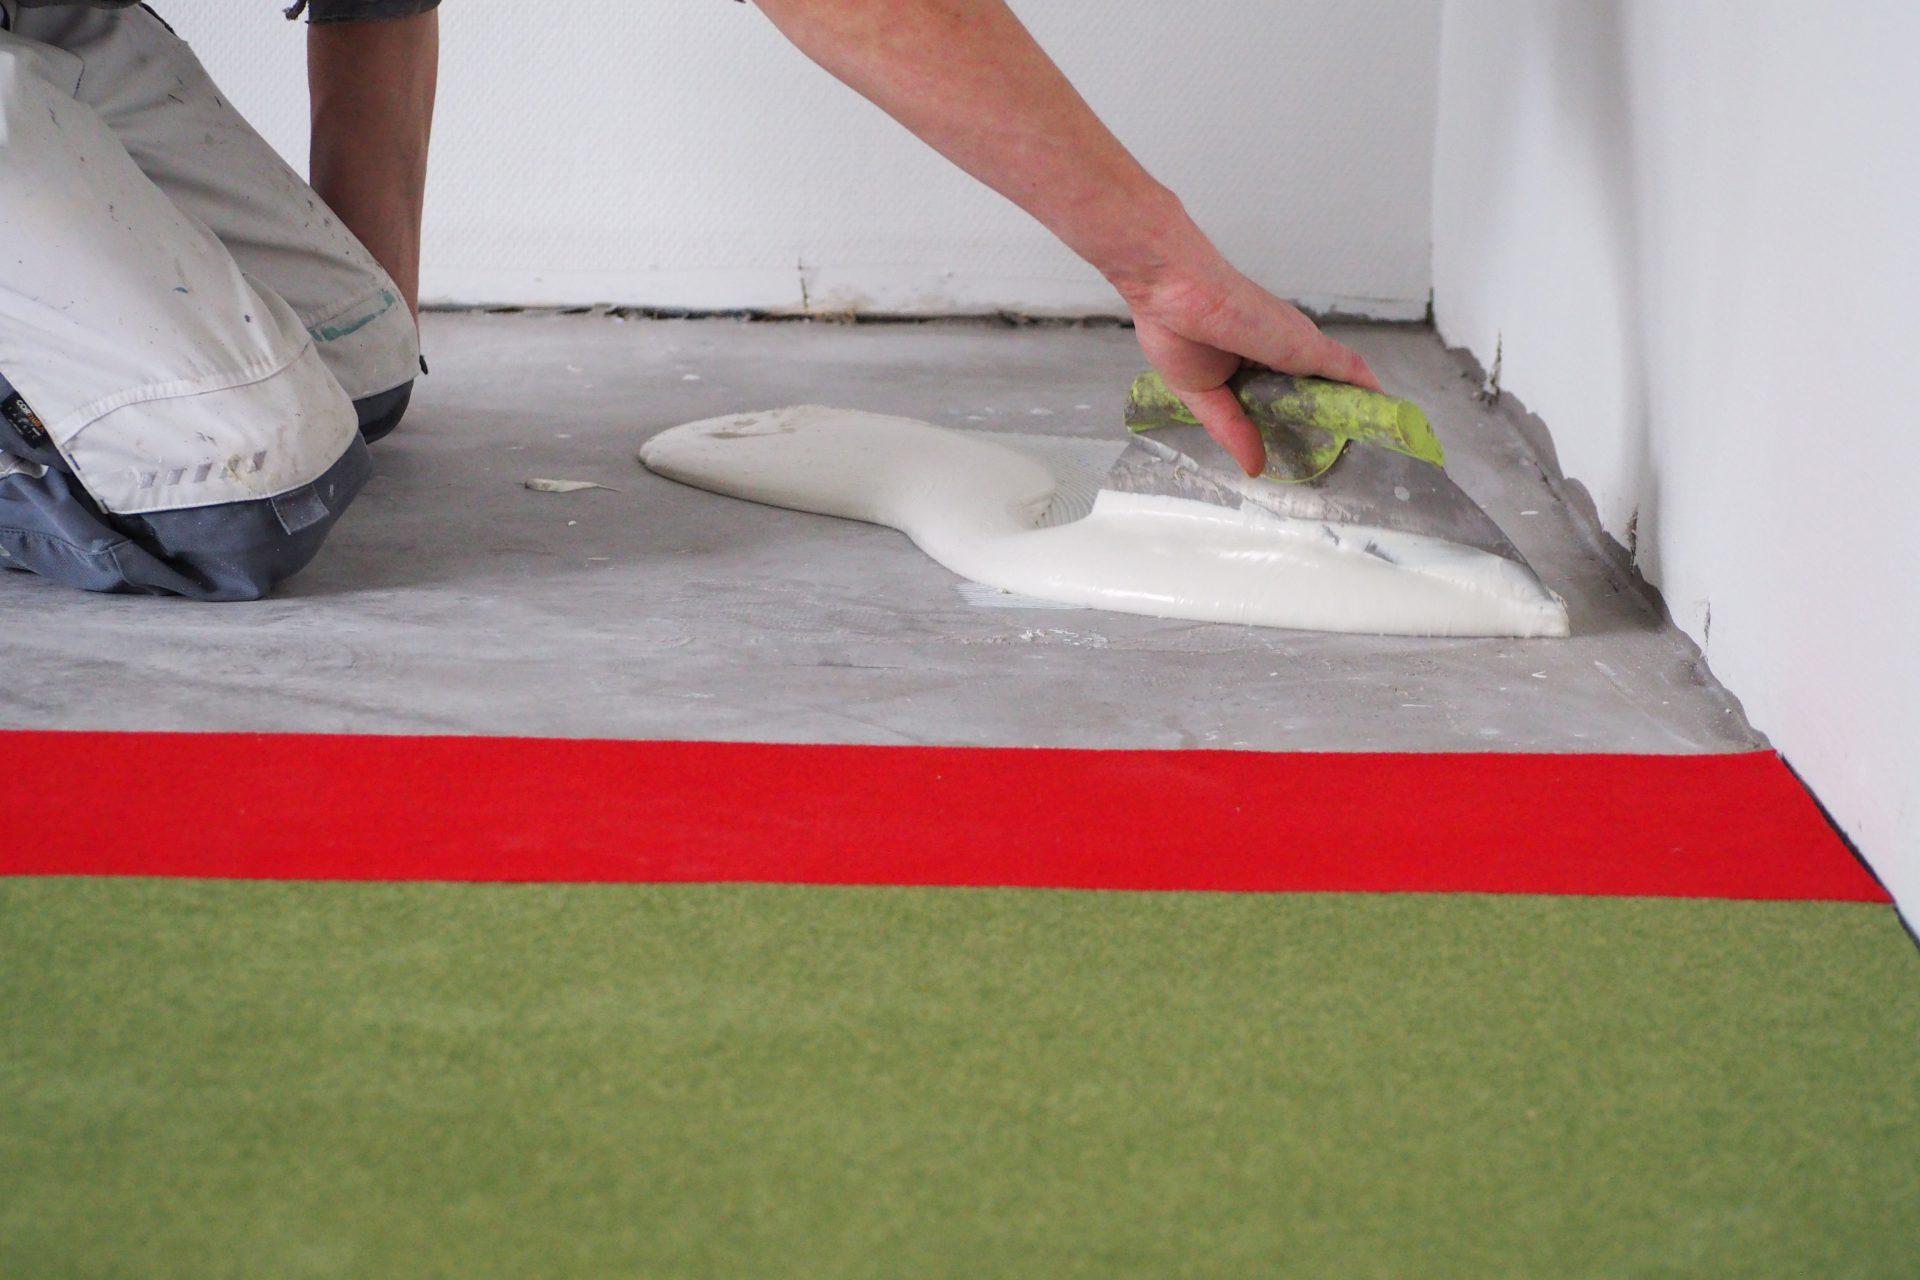 Fest verklebt – dieser Teppich wird keine Stolperfalle